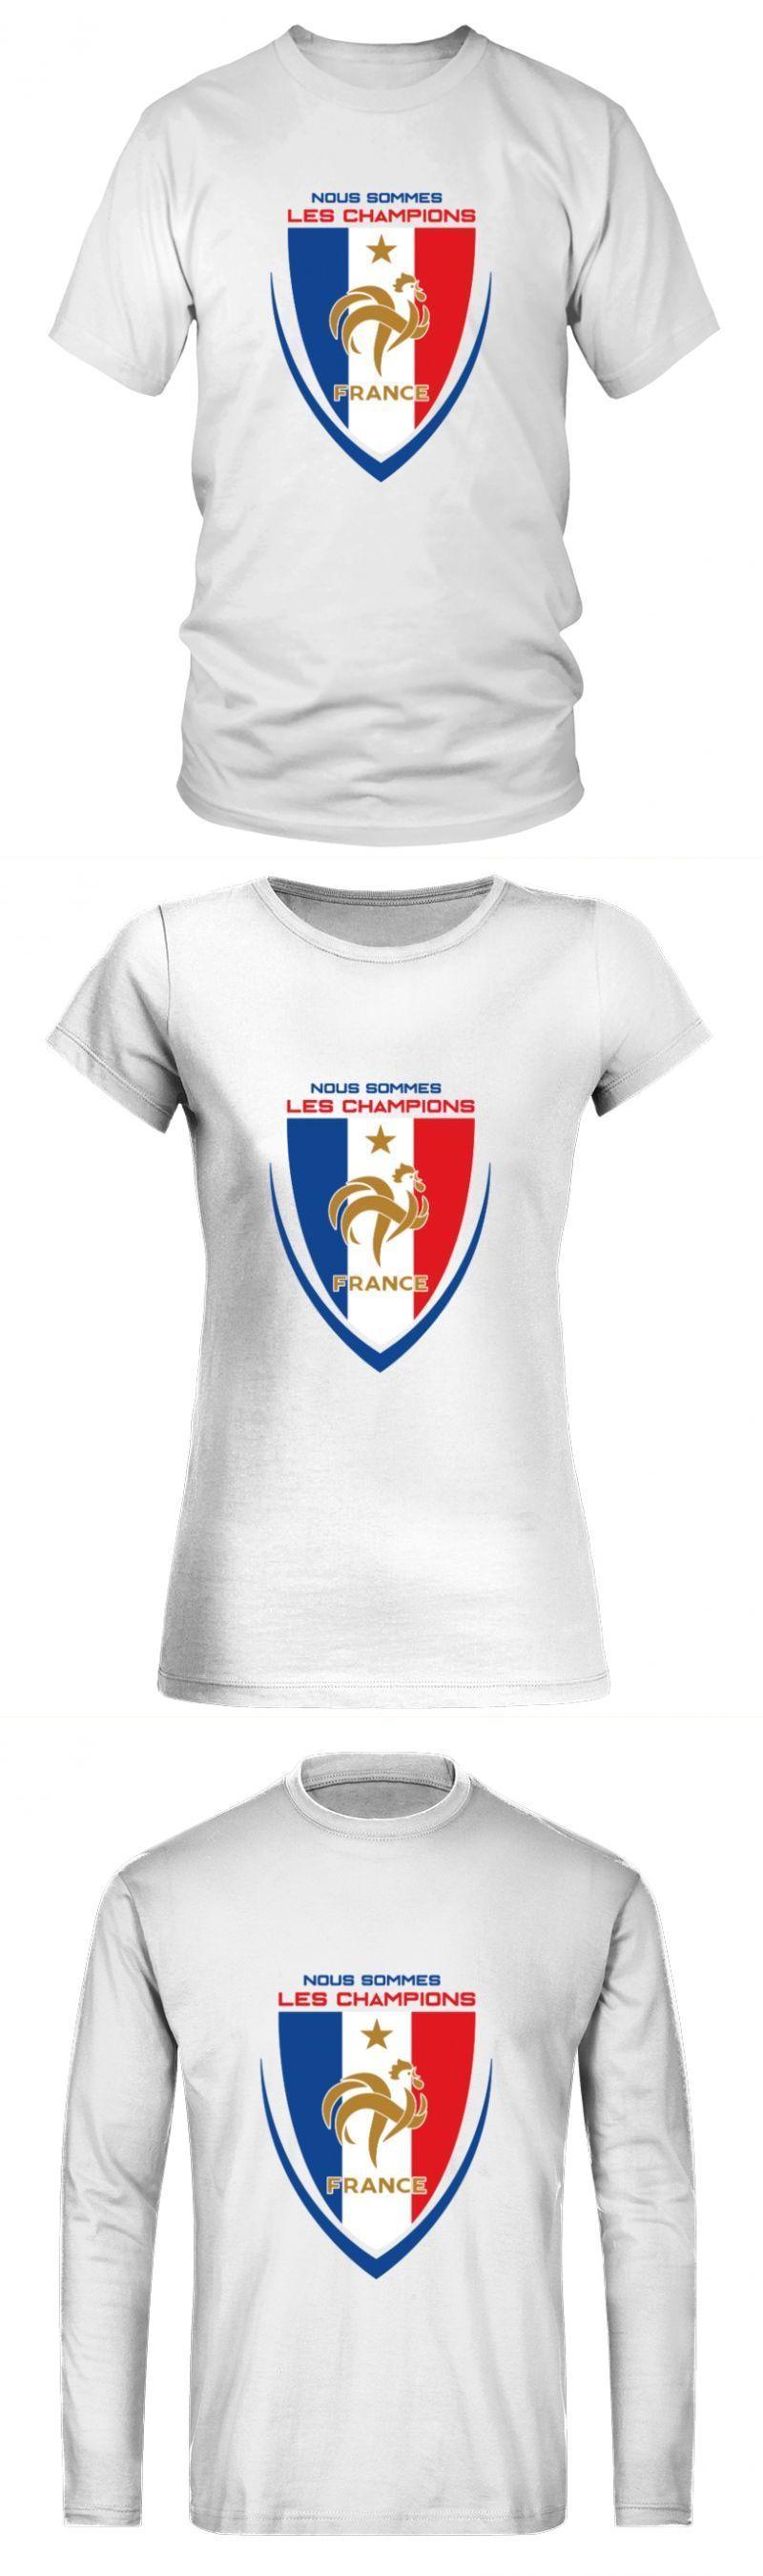 Target Baseball T Shirt France Champion Du Monde 2018 V4 Baseball T